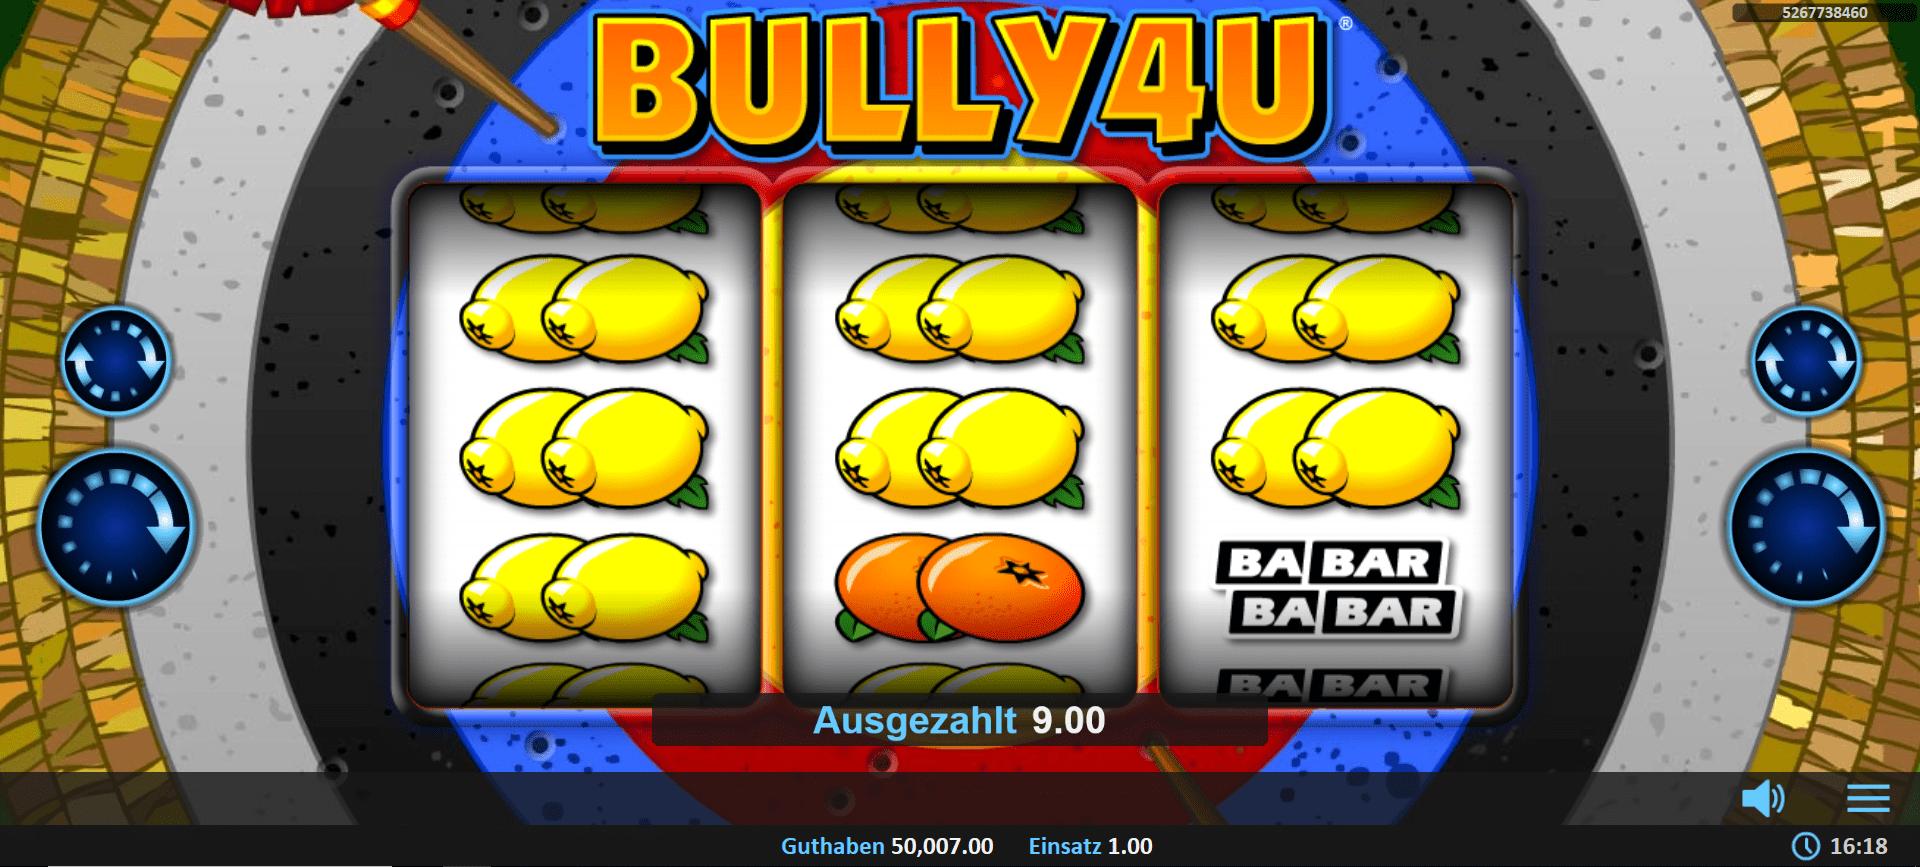 Bully4U